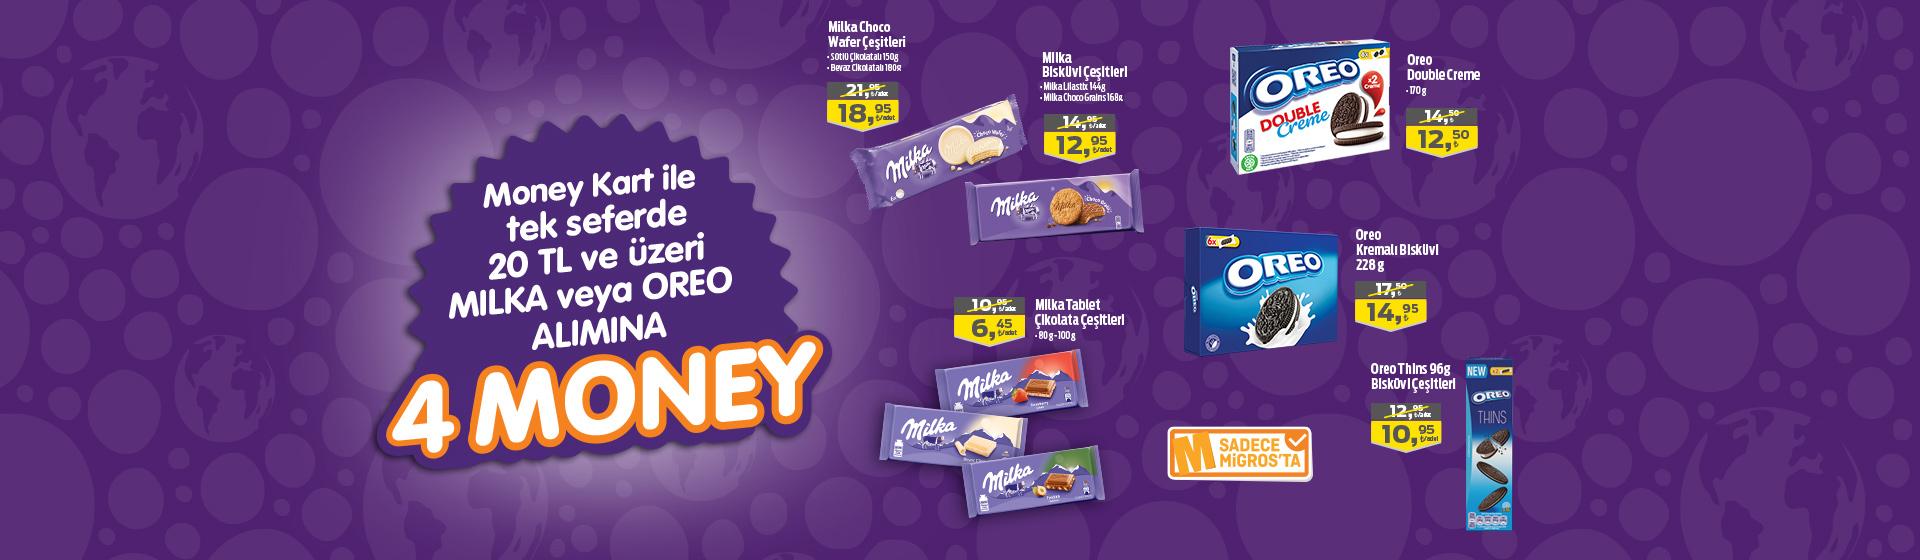 Milka&Oreo Money Kampanyası